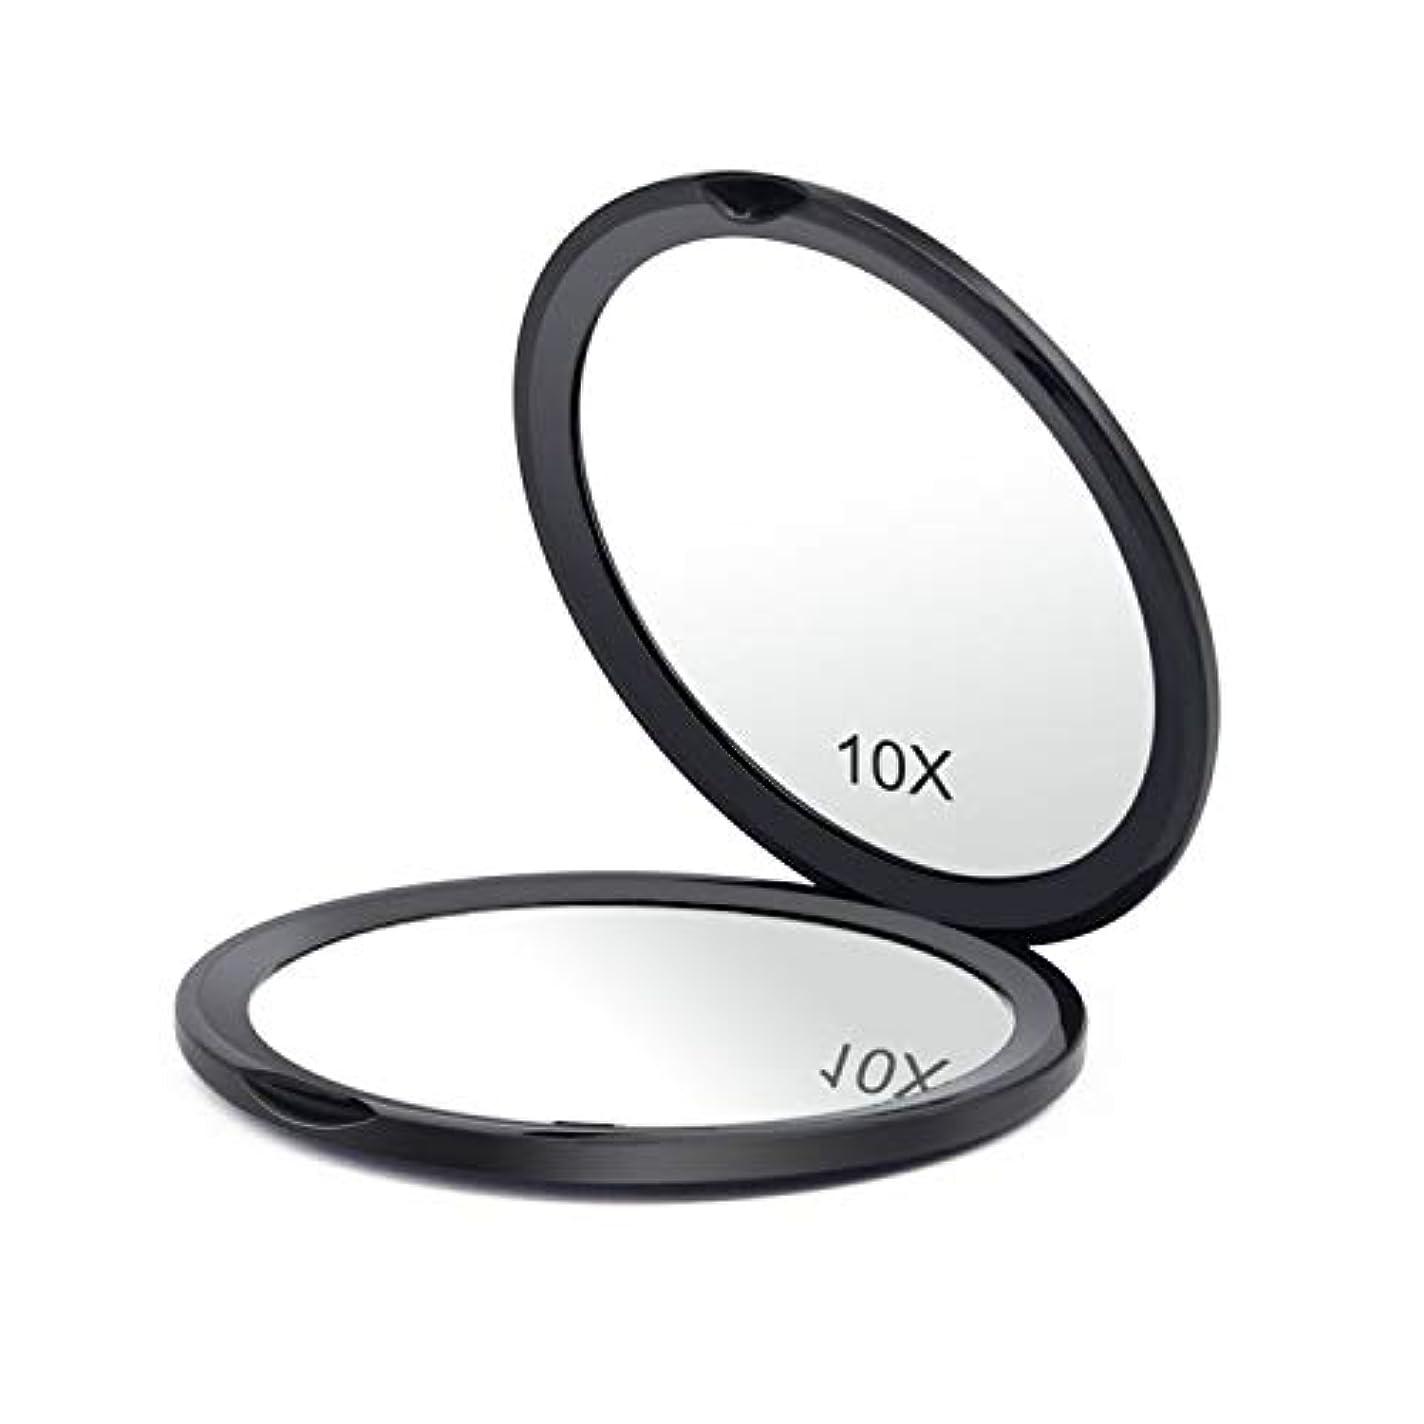 ベーコン回る幸運なことに手鏡 化粧鏡 HAMSWAN コンパクトミラー 軽量 10倍拡大鏡 丸型 10cm*1.3cm(ブラック)